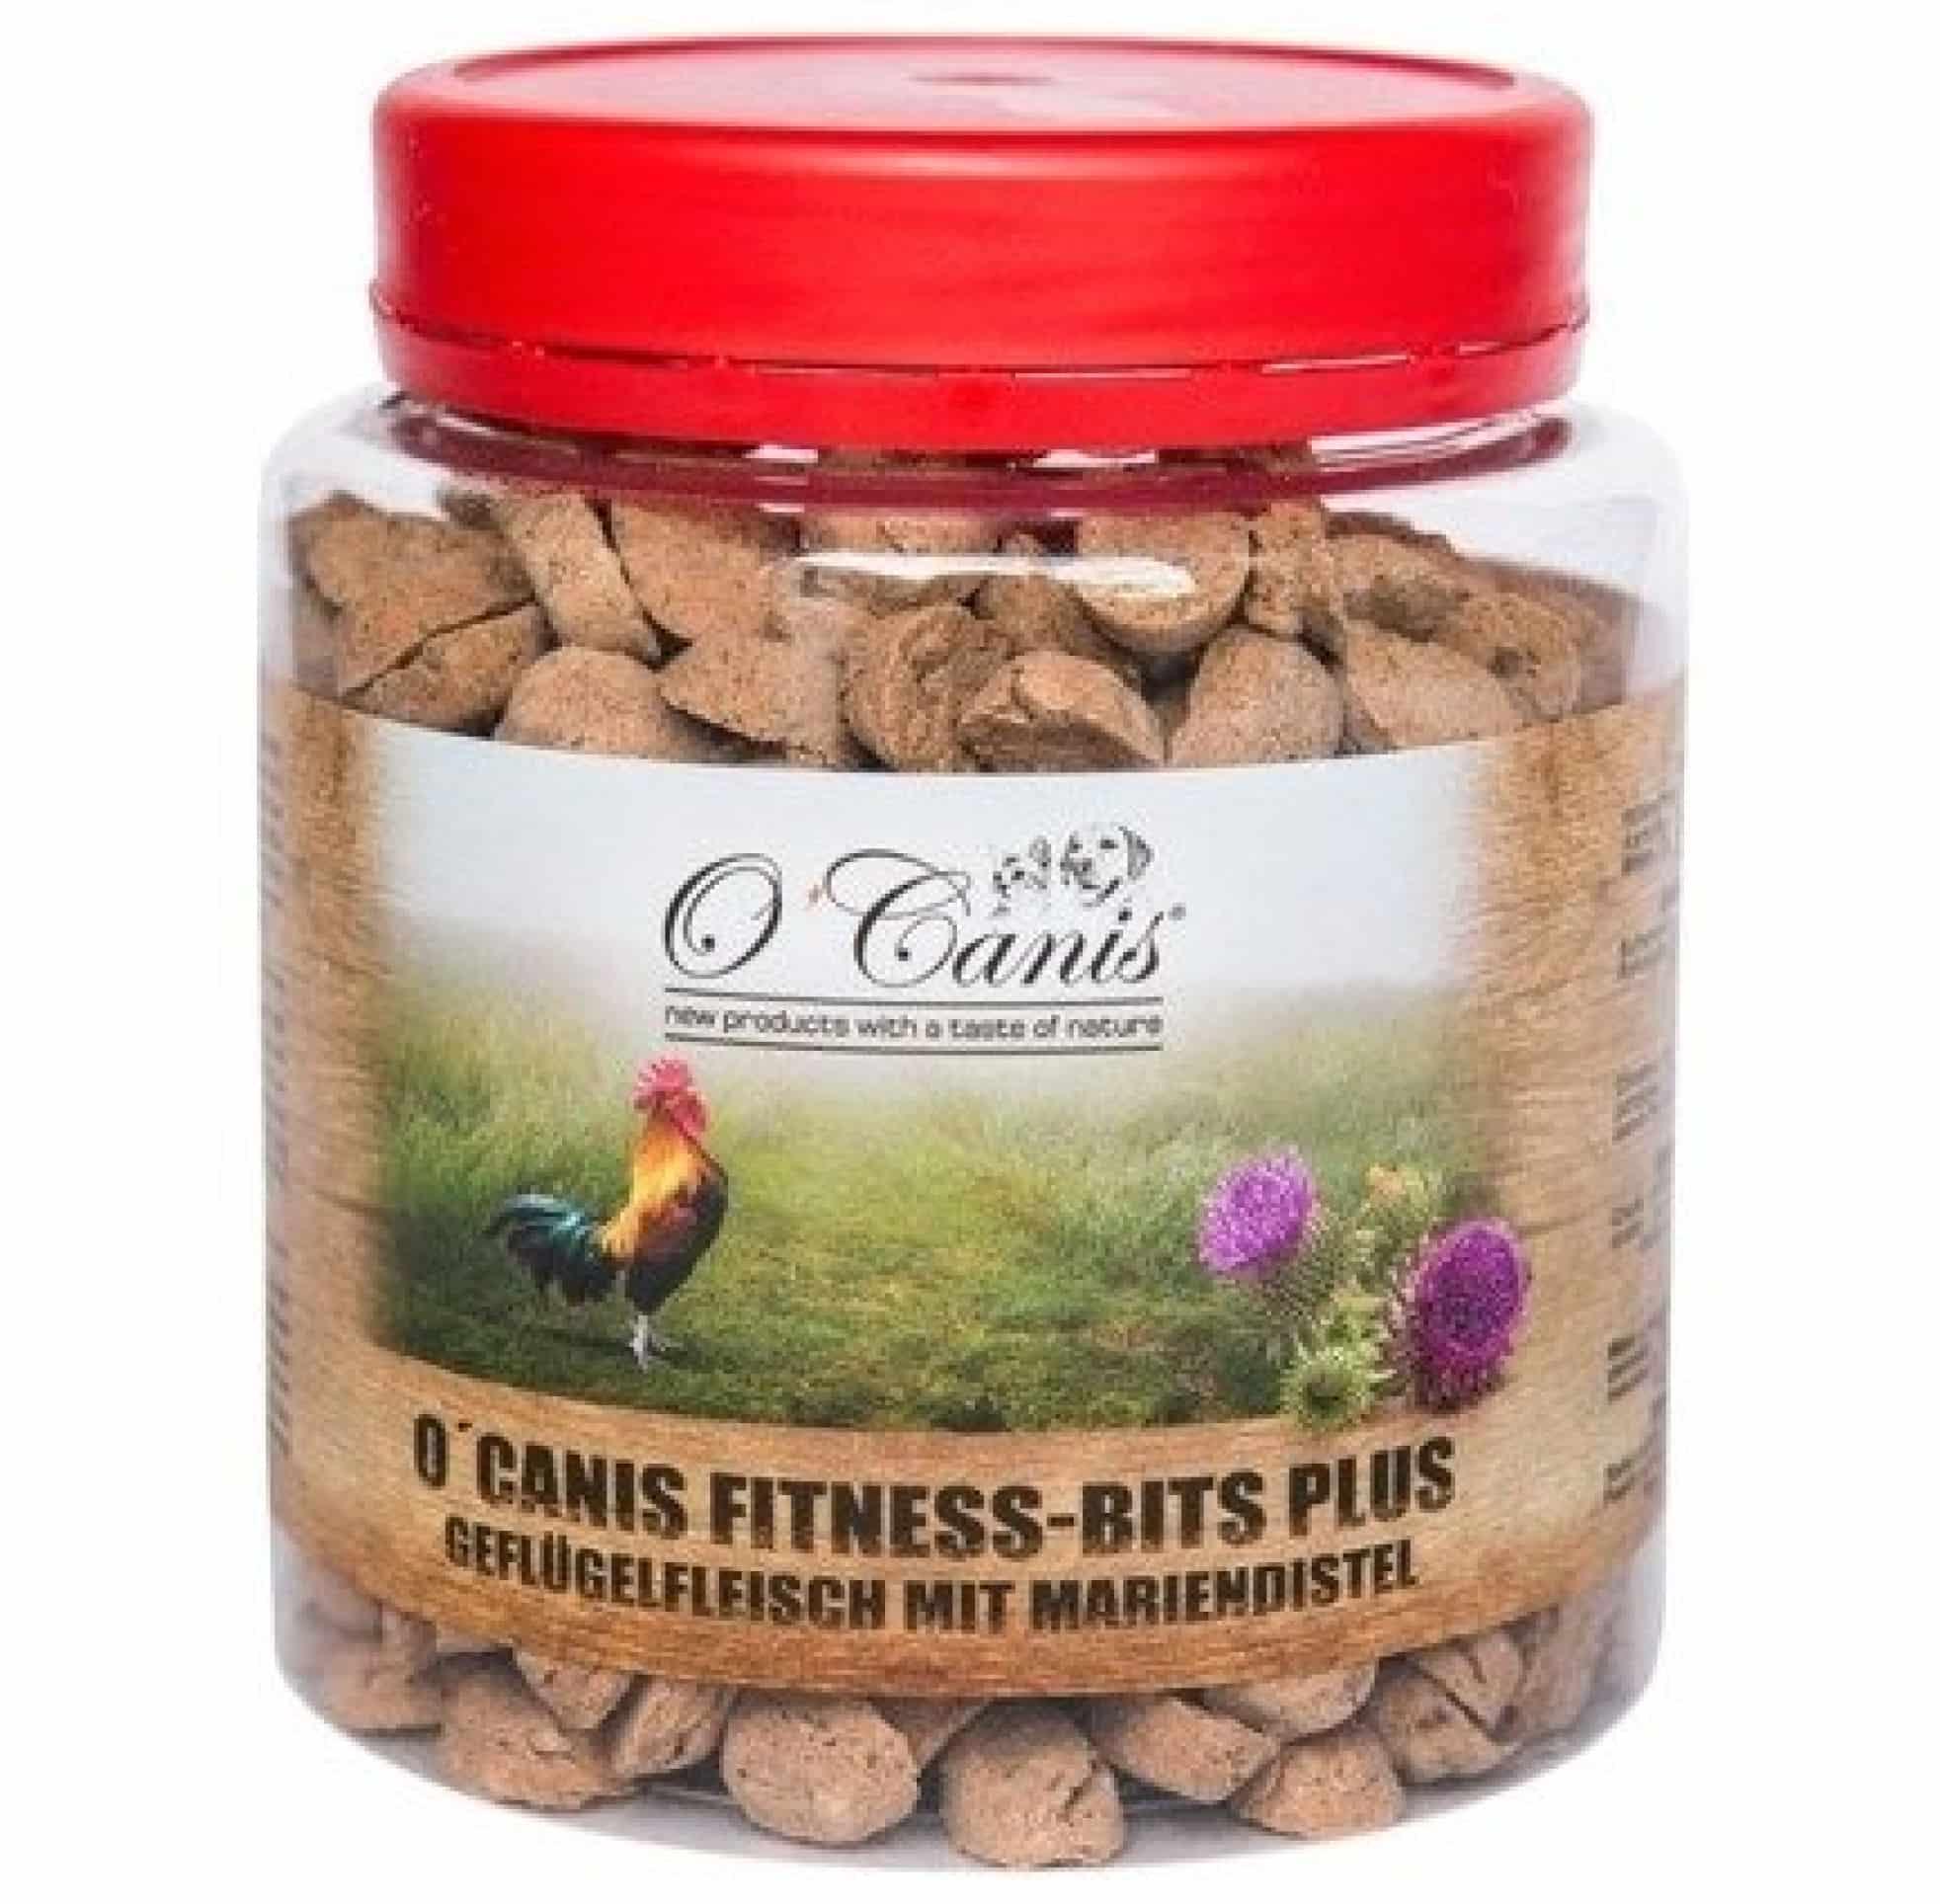 O'Canis Fitness-Bits PLUS drób z ostropestem 300g przysmak trenerski dla psa